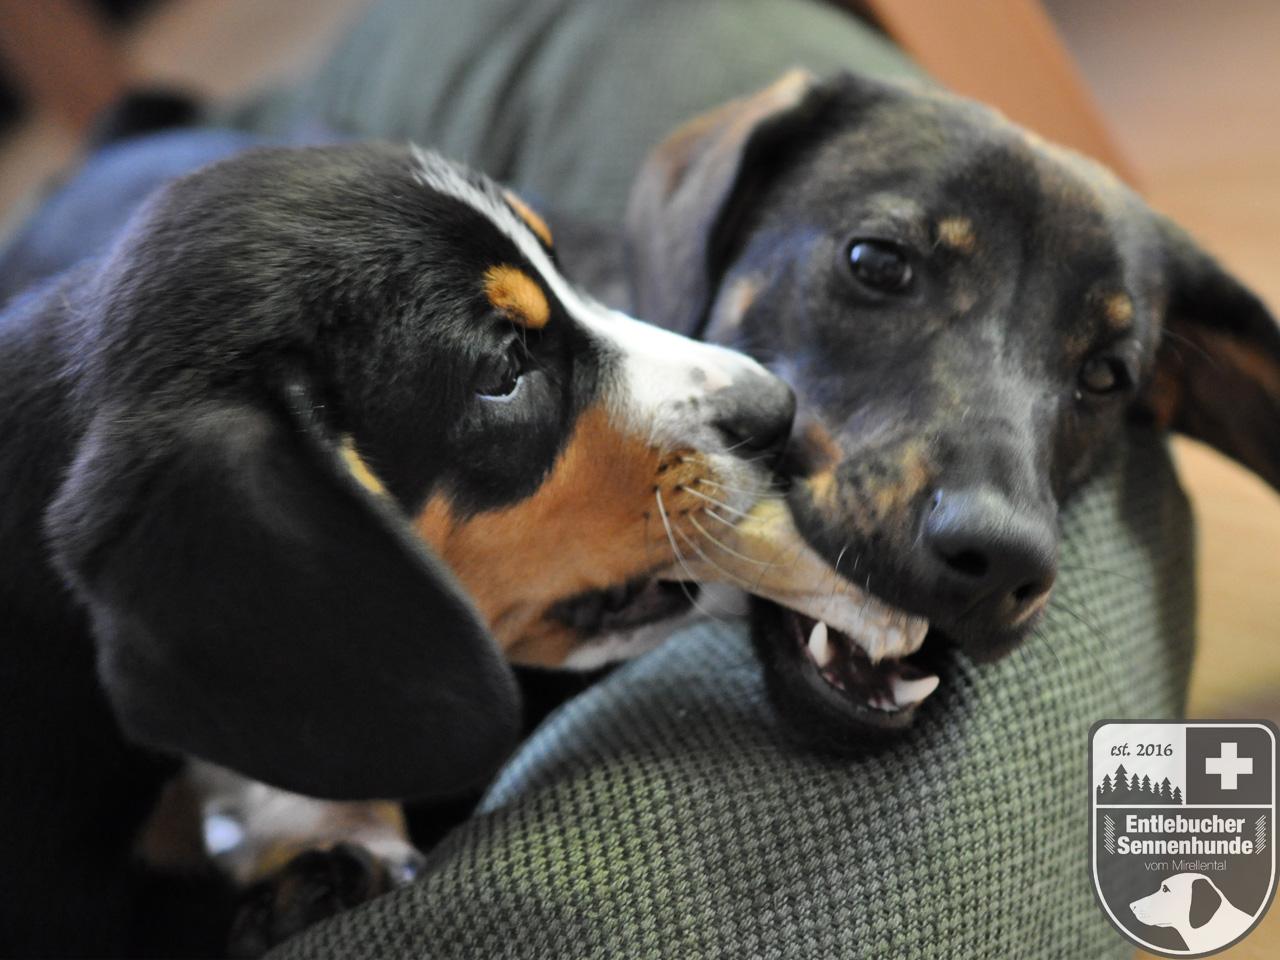 Entlebucher Sennenhunde vom Mirellental - Ida vom Thurnerkamp mit ca 10 Wochen